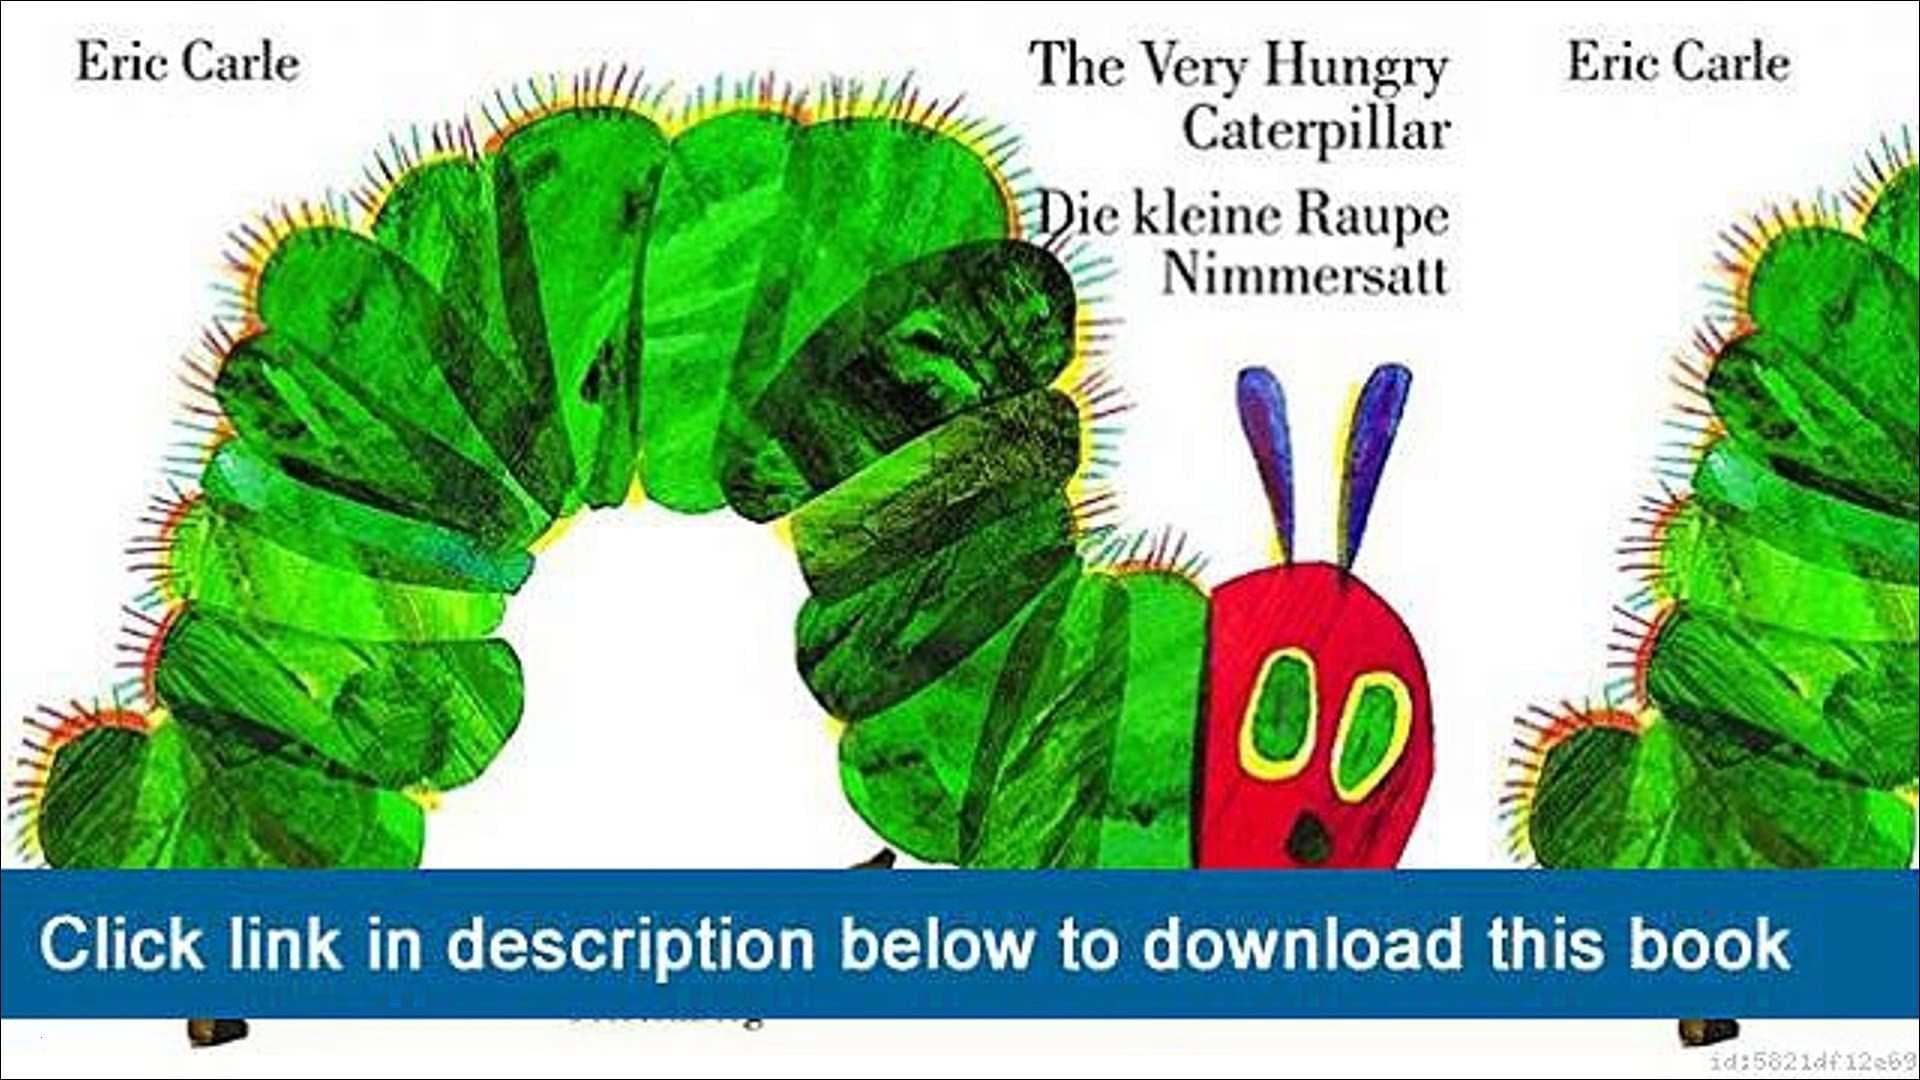 Die Kleine Raupe Nimmersatt Ausmalbild Das Beste Von Die Kleine Raupe Nimmersatt Ausmalbild Bild Ausmalbilder Igel Fotografieren